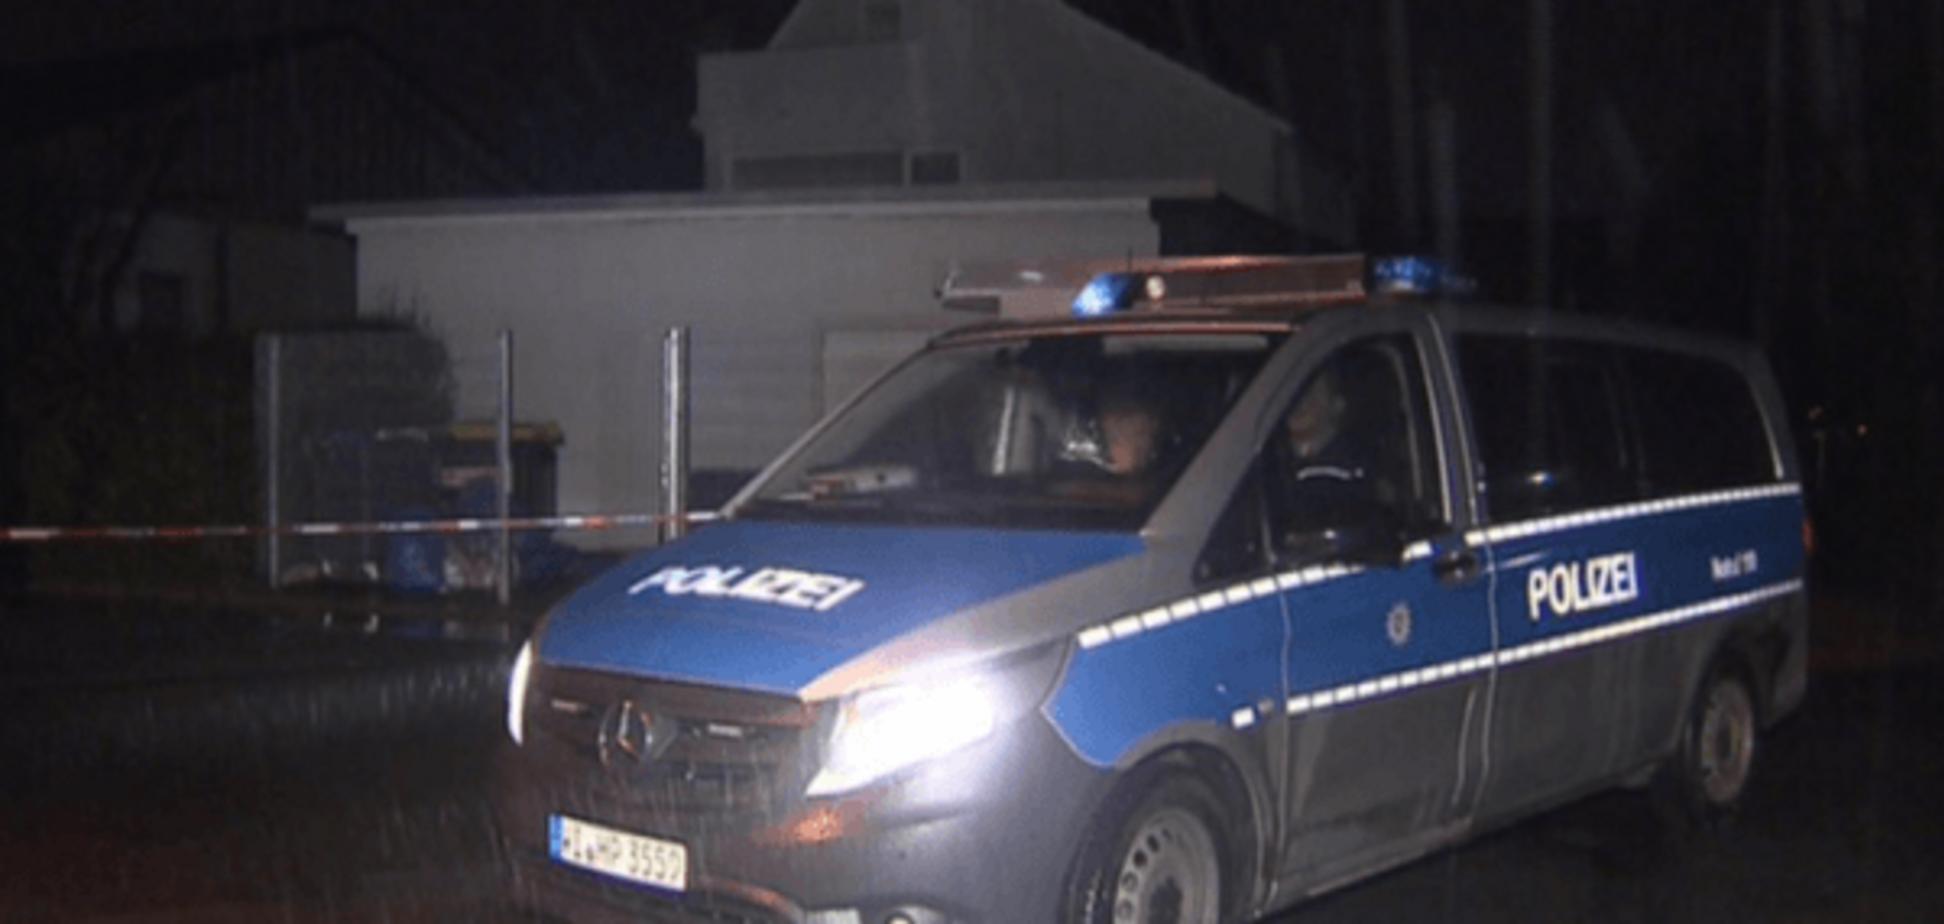 В Германии ночью открыли огонь по приюту для беженцев, есть раненый: опубликованы фото